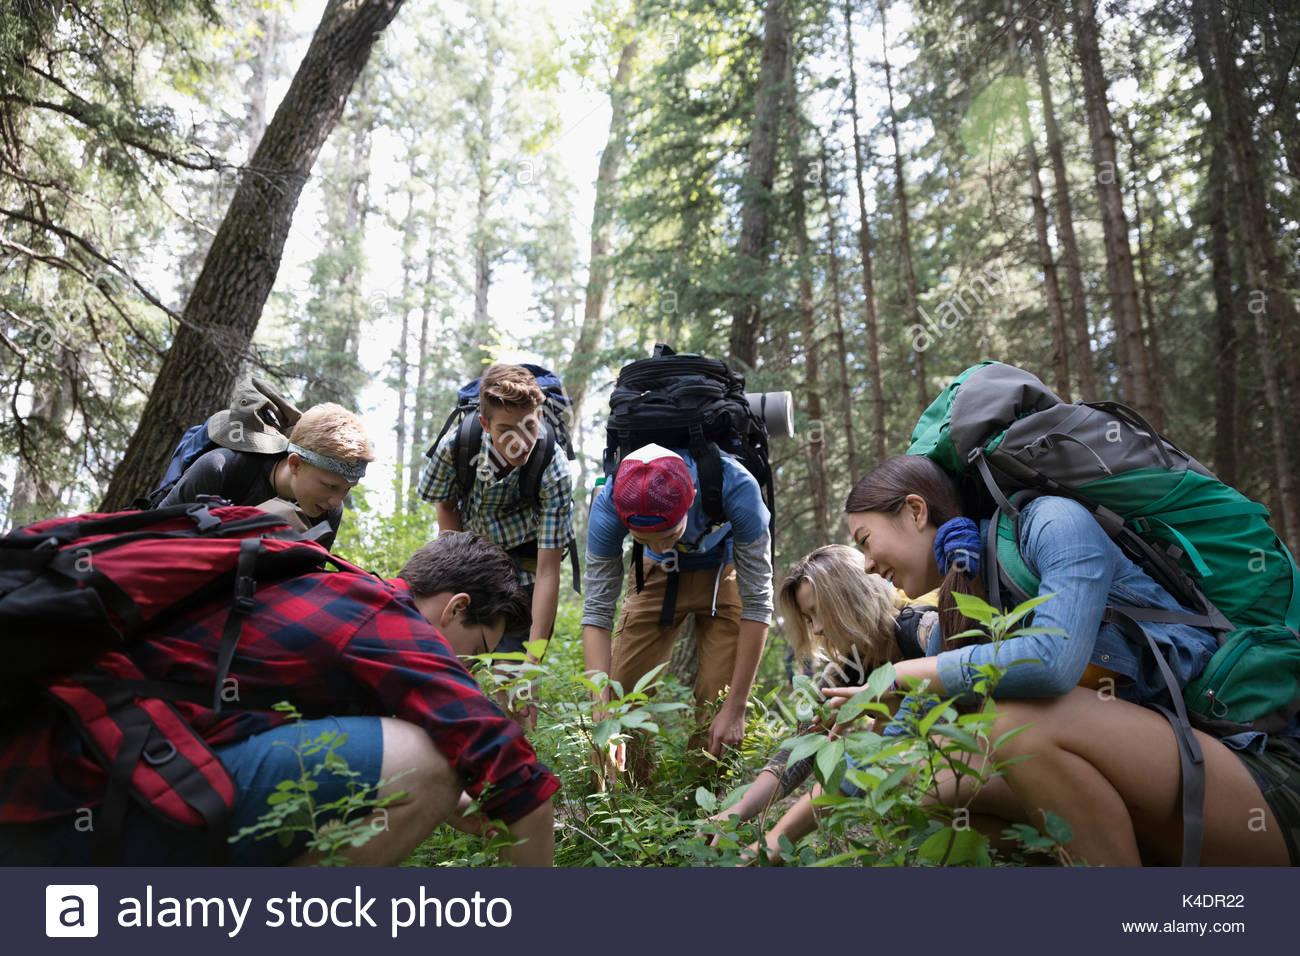 Les élèves de l'école de plein air la découverte de sous-bois dans les bois Photo Stock